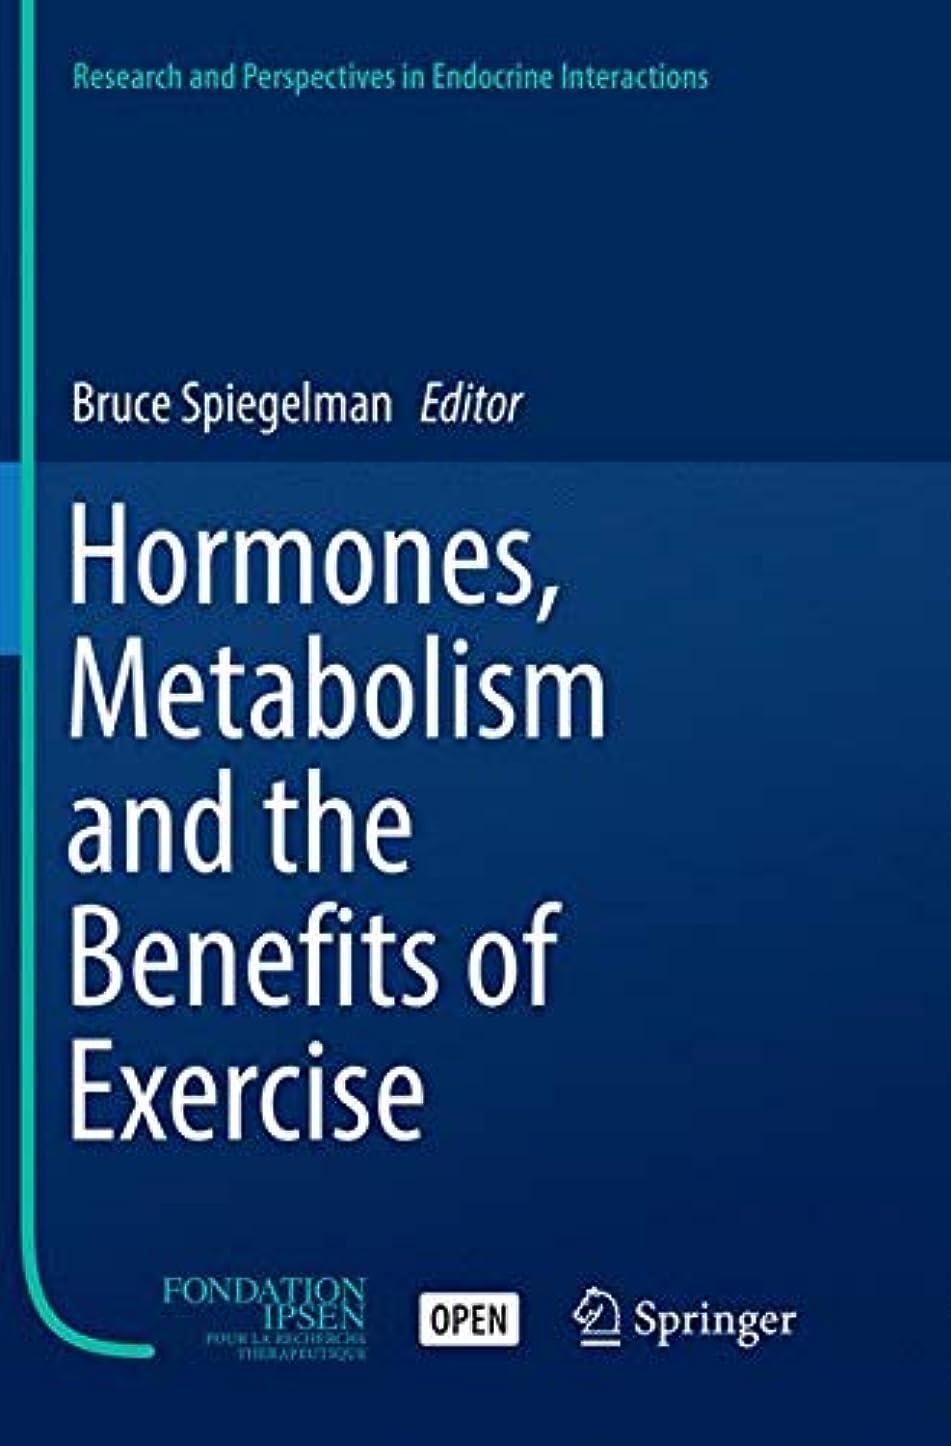 暗殺者サーキットに行く制限するHormones, Metabolism and the Benefits of Exercise (Research and Perspectives in Endocrine Interactions)